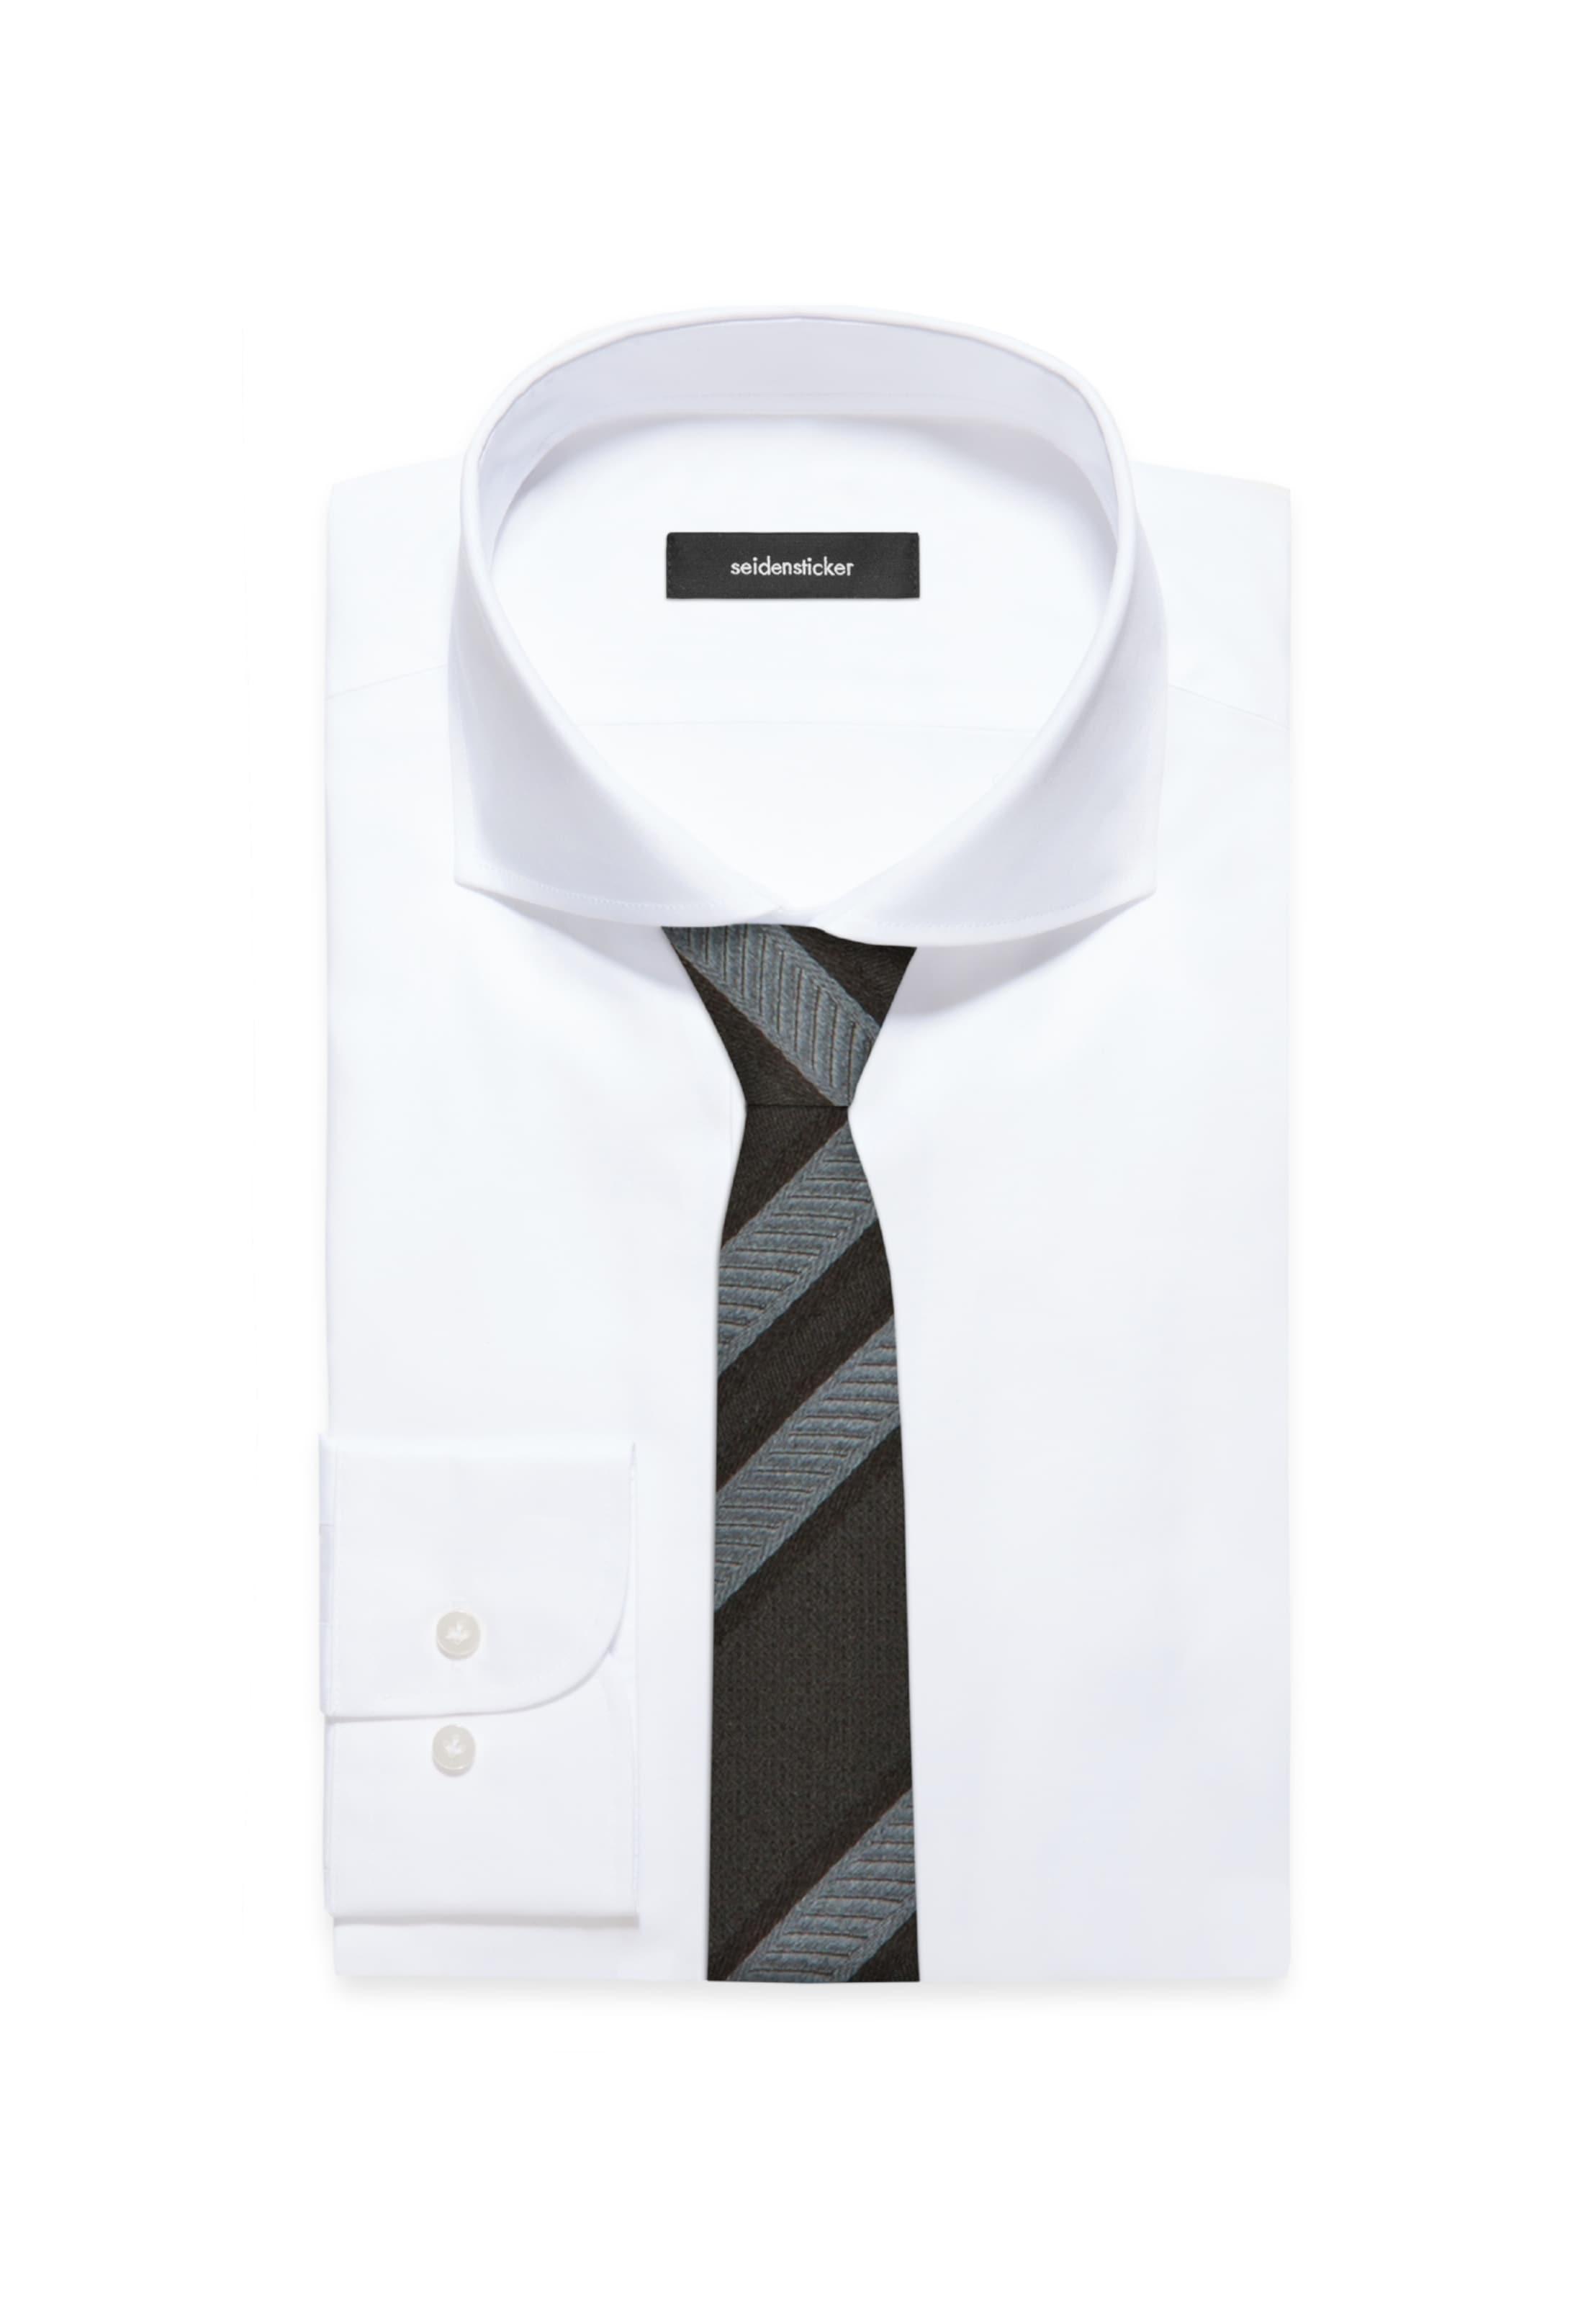 Schwarz Krawatte In Seidensticker 'slim' Krawatte In 'slim' Seidensticker Schwarz Seidensticker OTXkZuPi